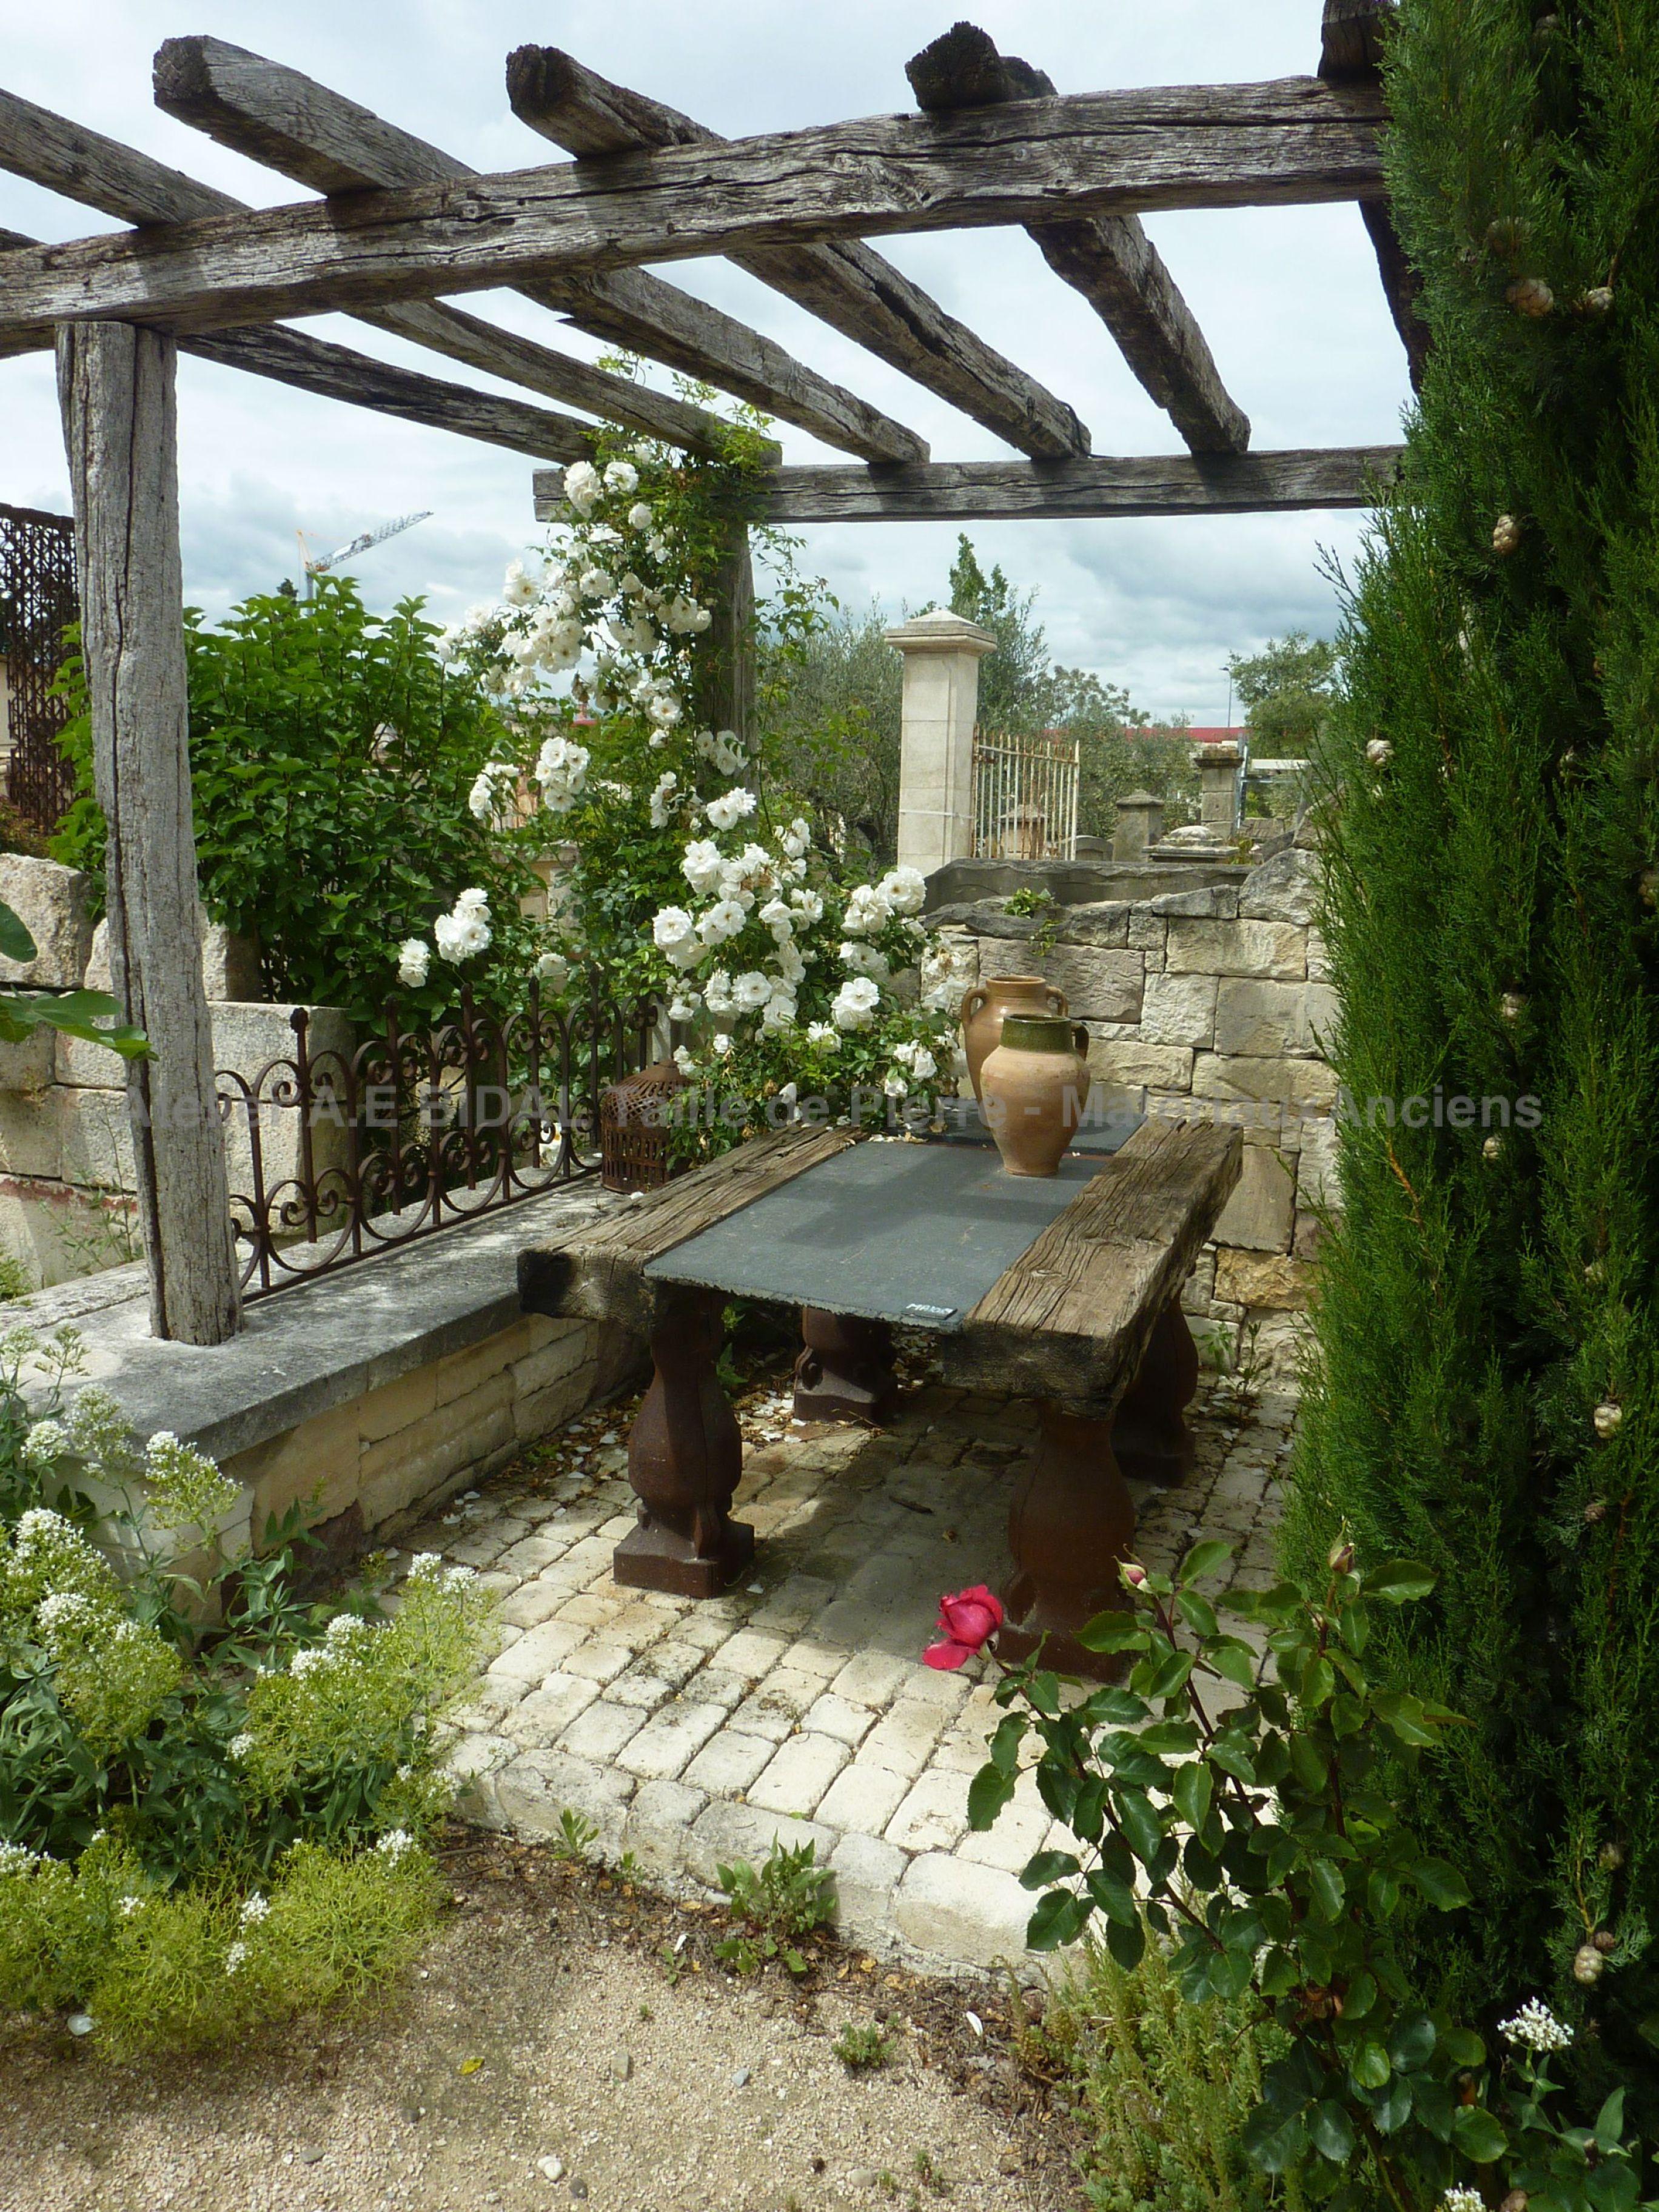 les conseils de bidal pour d corer son jardin avec des objets anciens. Black Bedroom Furniture Sets. Home Design Ideas